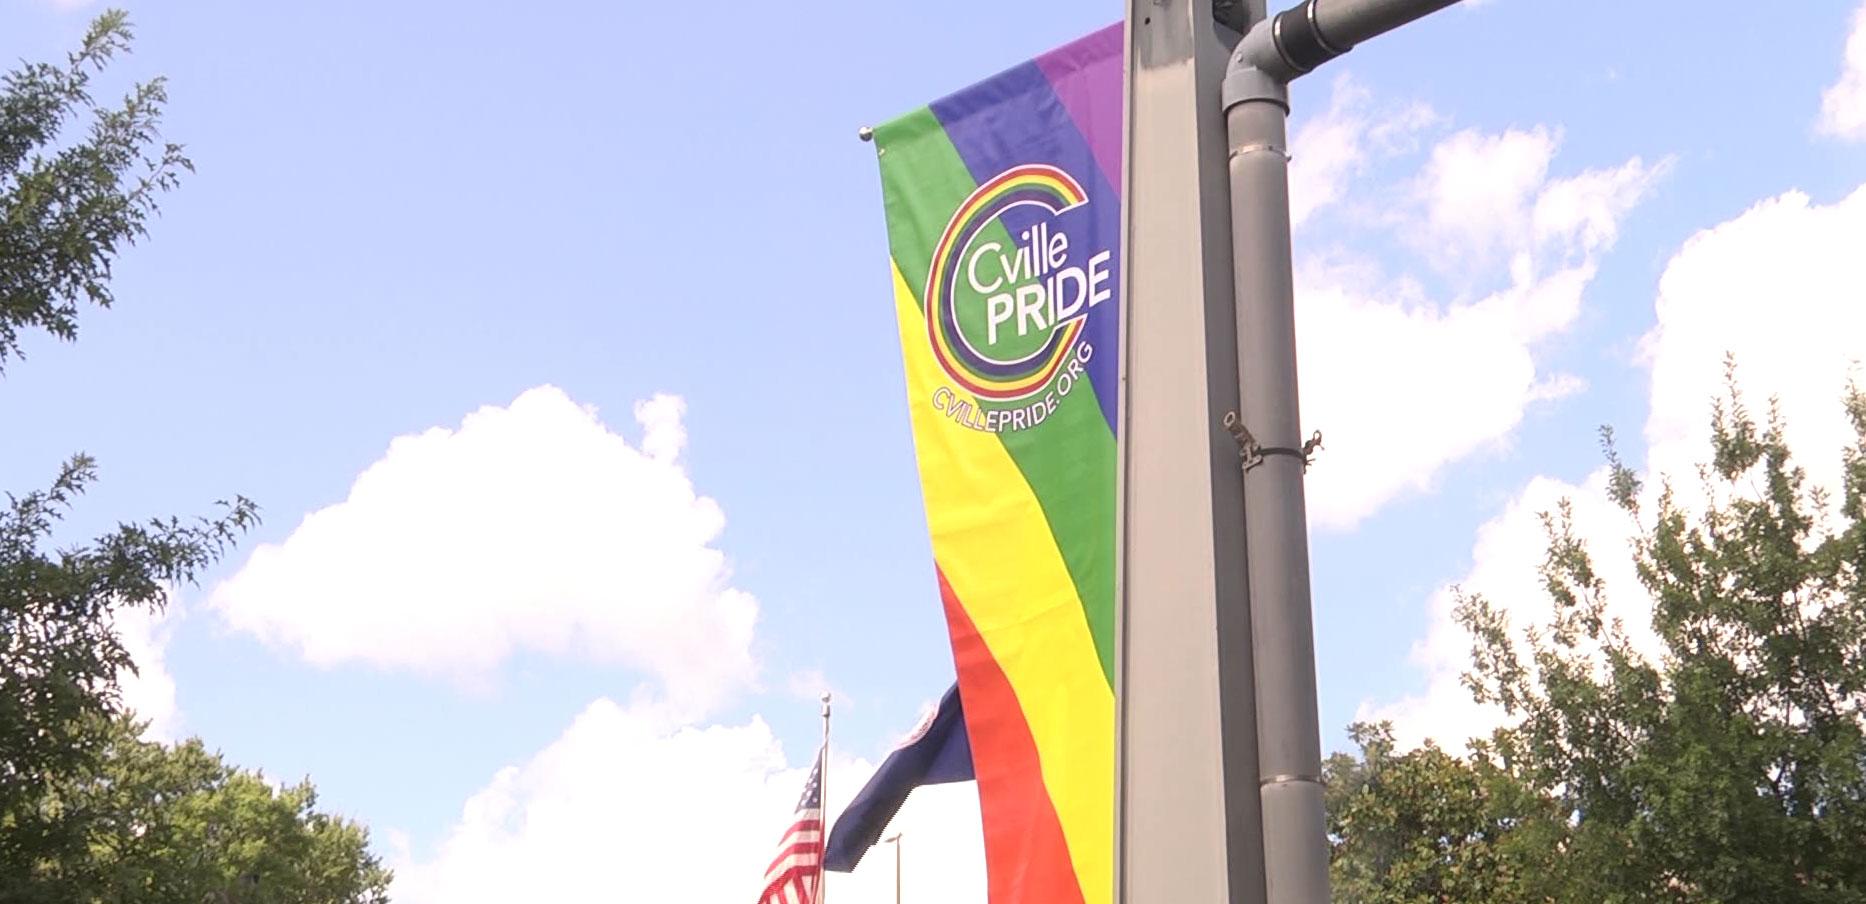 Cville Pride at Spring Pavilion